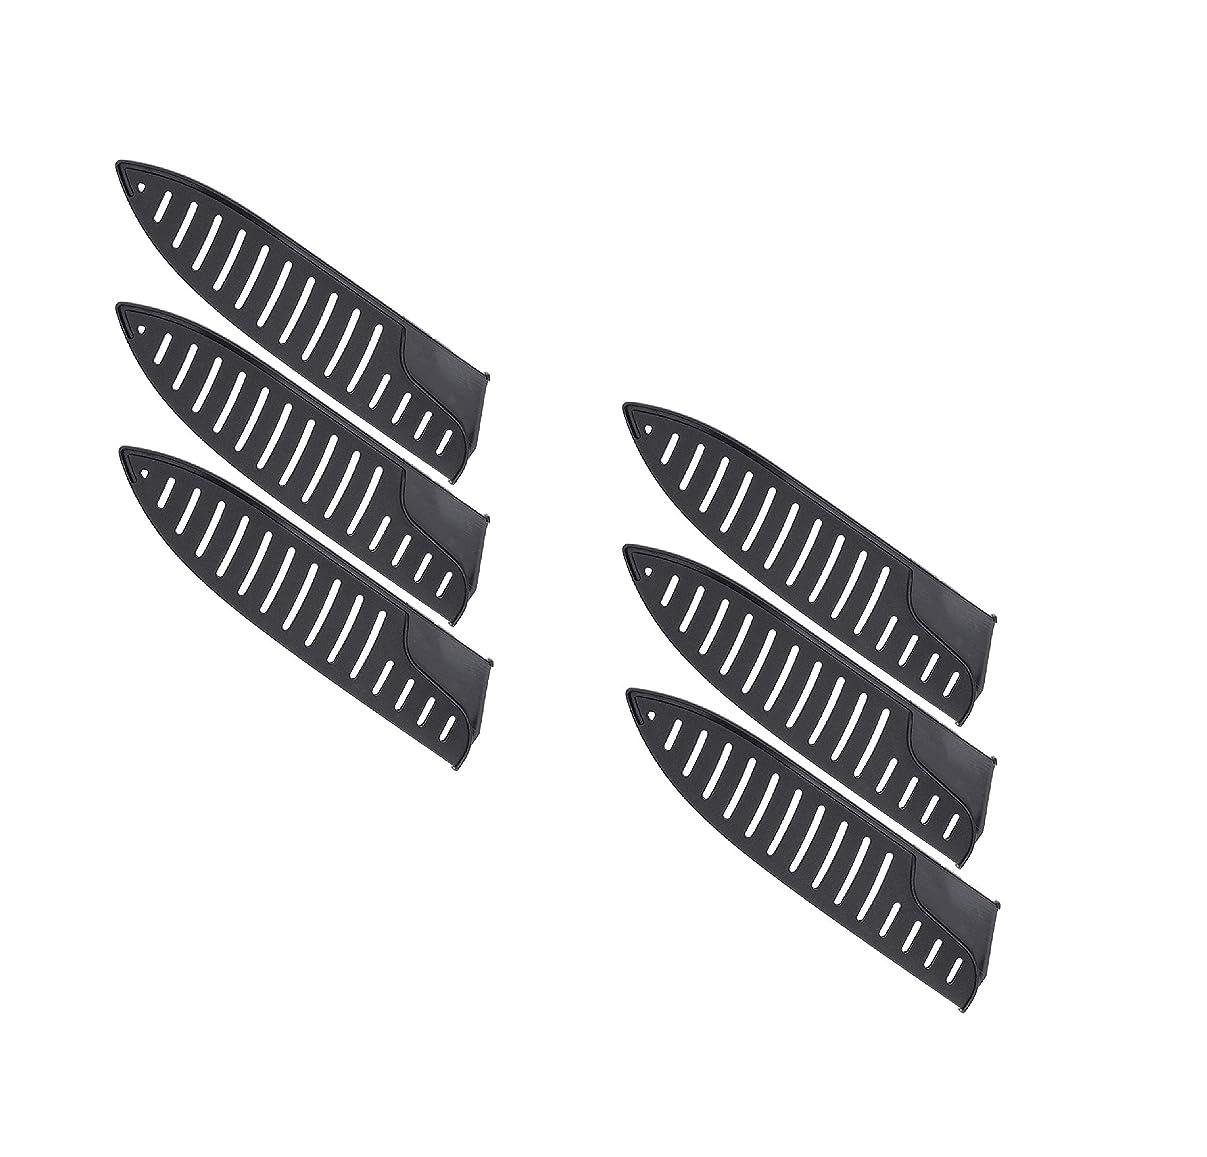 専制ピカソ下るBESTONZON 6本ナイフエッジガード - 8インチナイフ用の黒いプラスチック製キッチンナイフブレードプロテクターカバー